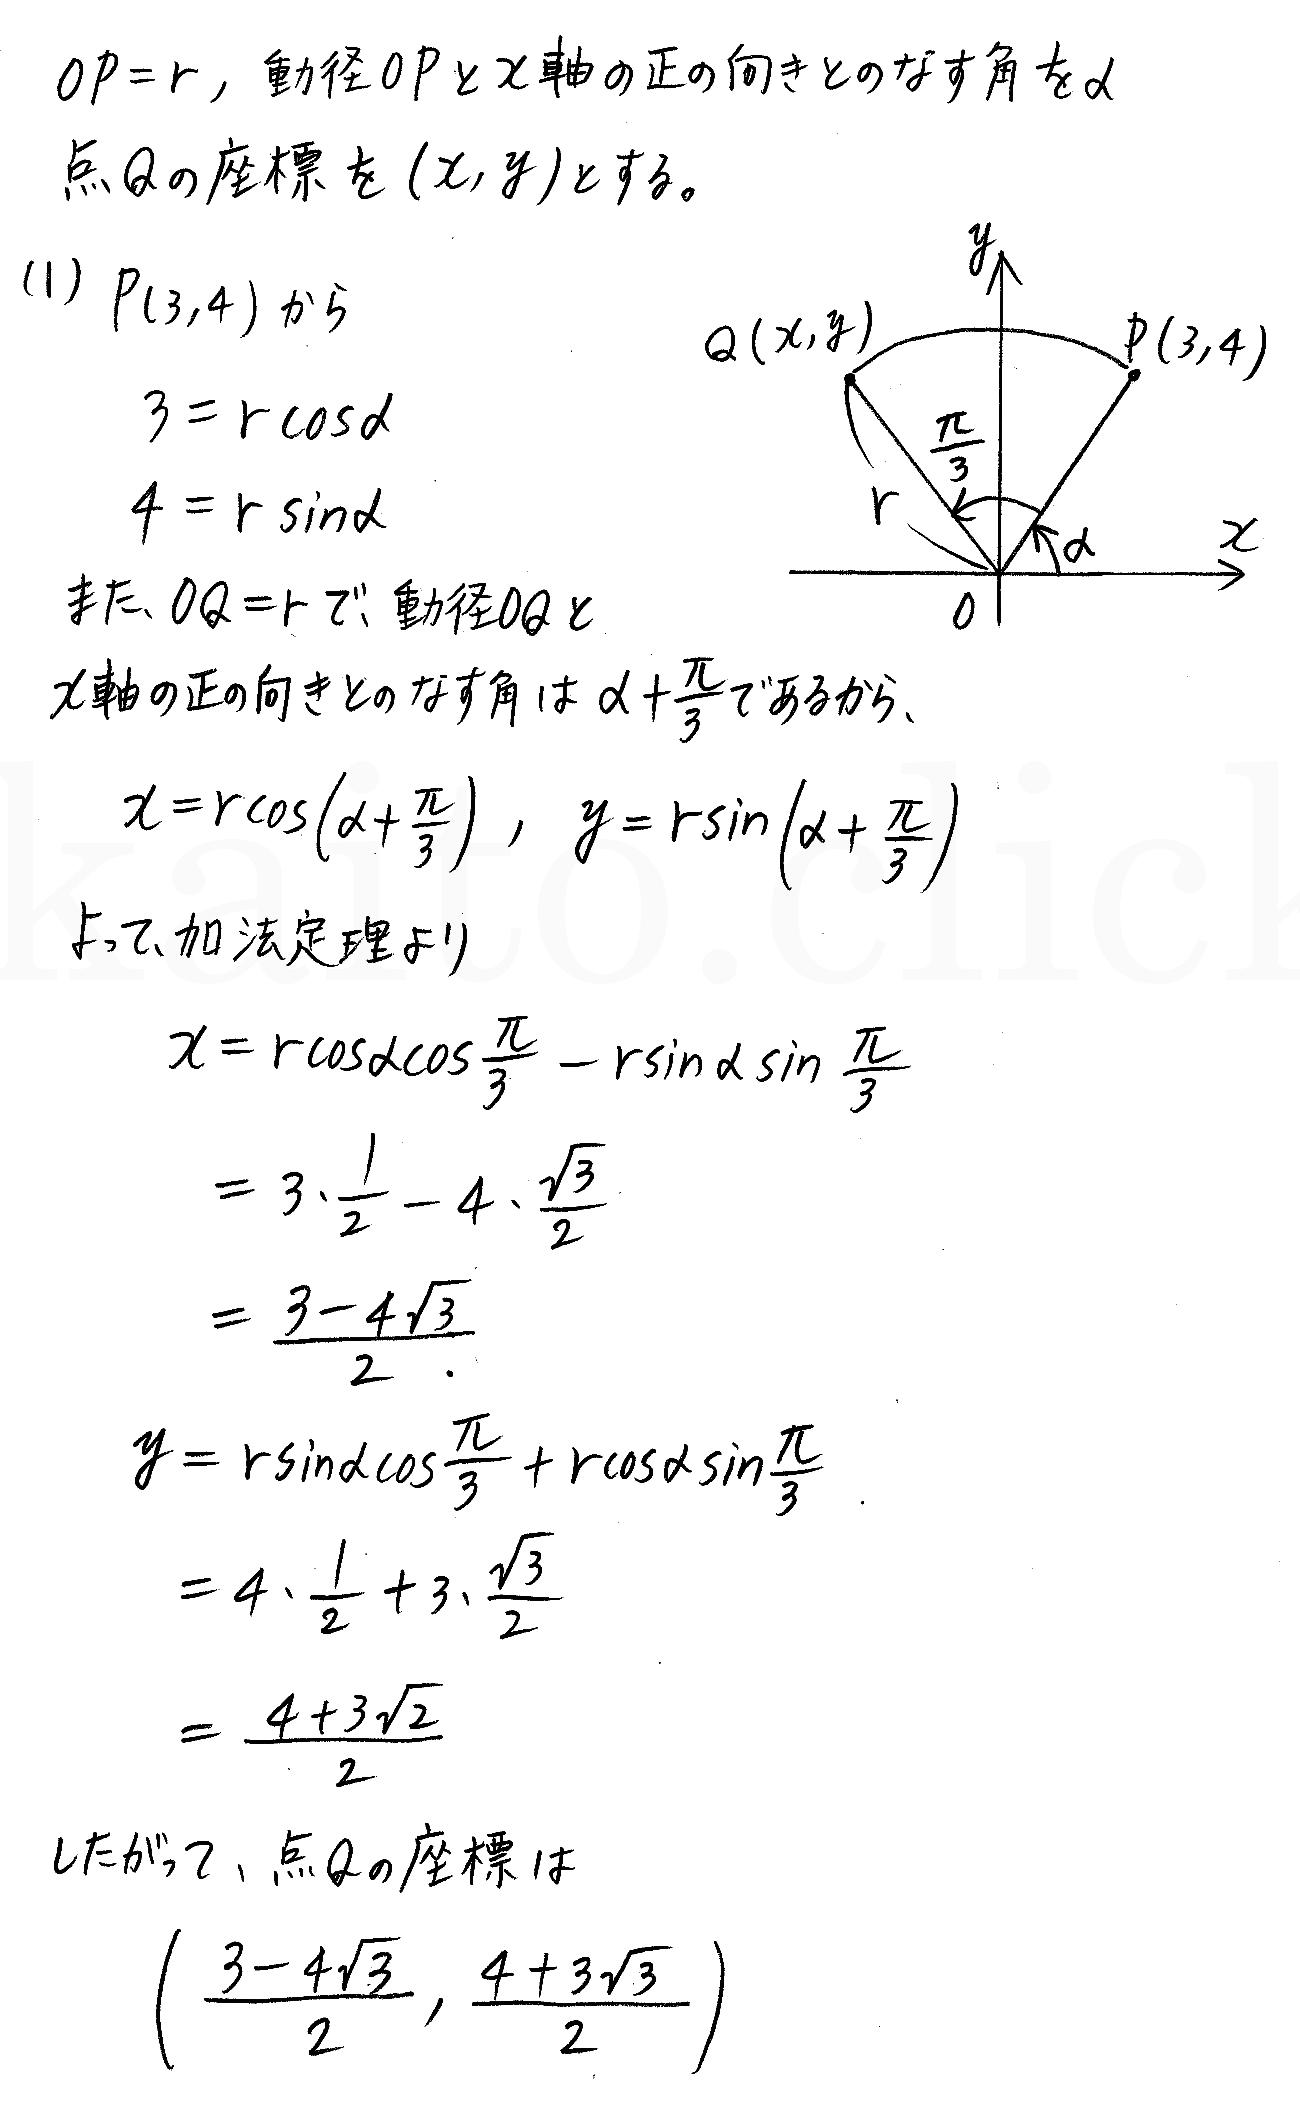 クリアー数学2-289解答